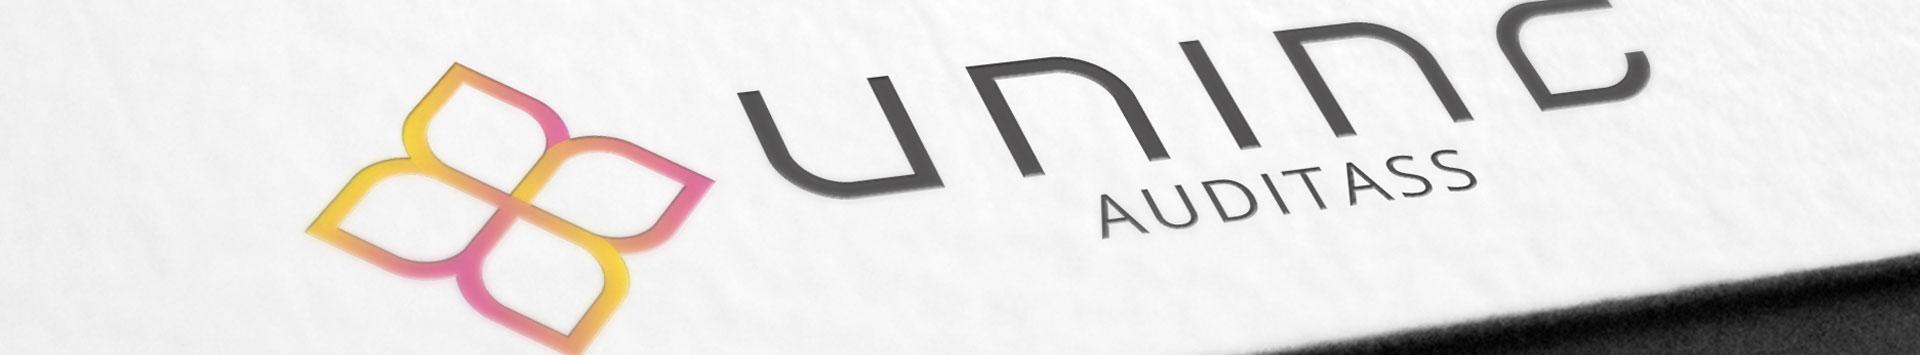 banner-auditass